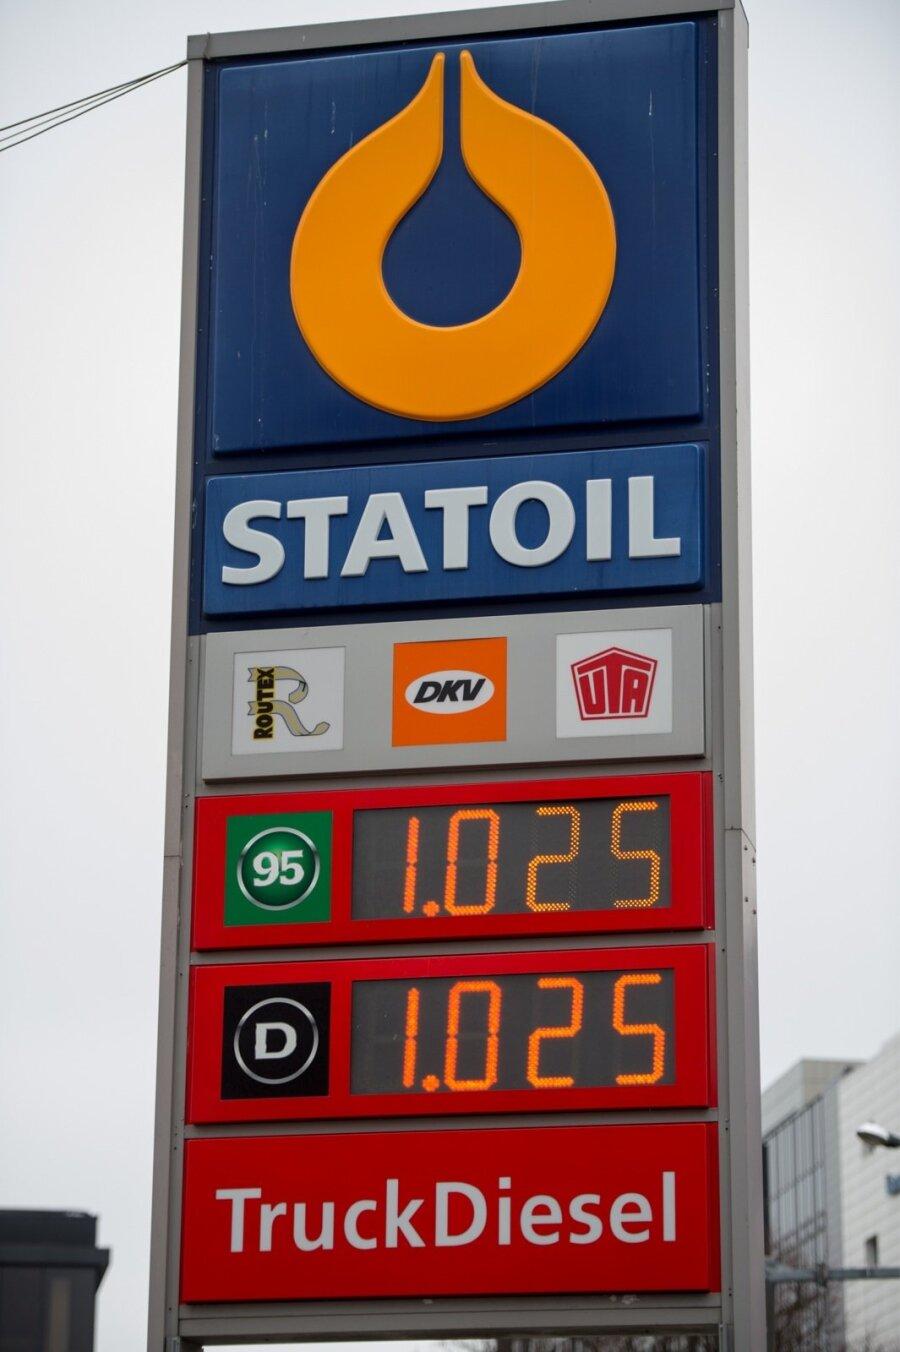 8d201007f1e Circle K sai loa Premium 7 tanklaketi enamuse ostuks - ärileht.ee